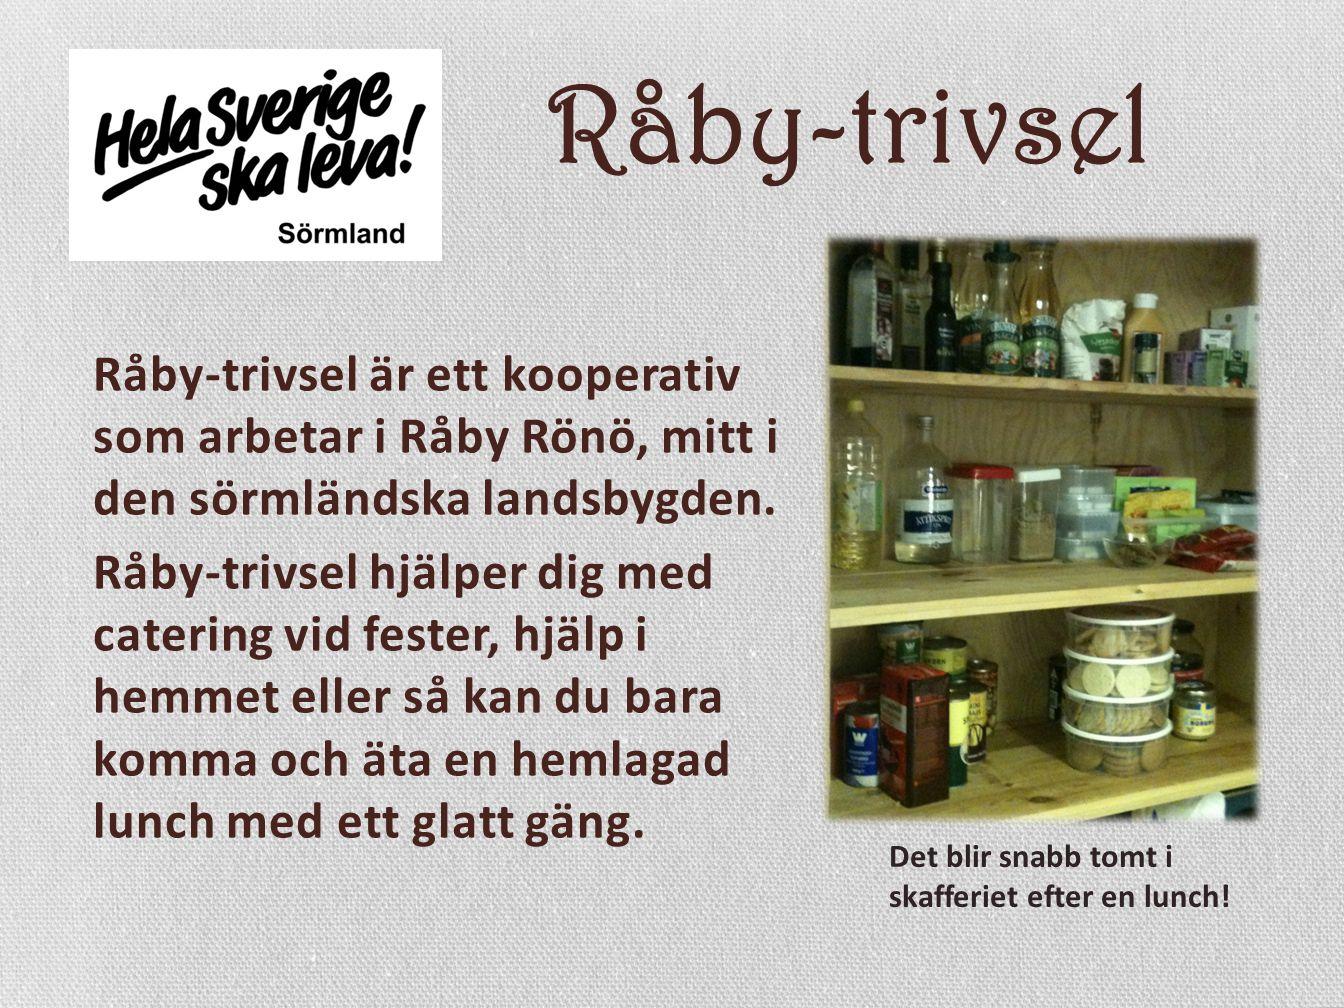 Råby-trivsel Råby-trivsel är ett kooperativ som arbetar i Råby Rönö, mitt i den sörmländska landsbygden.